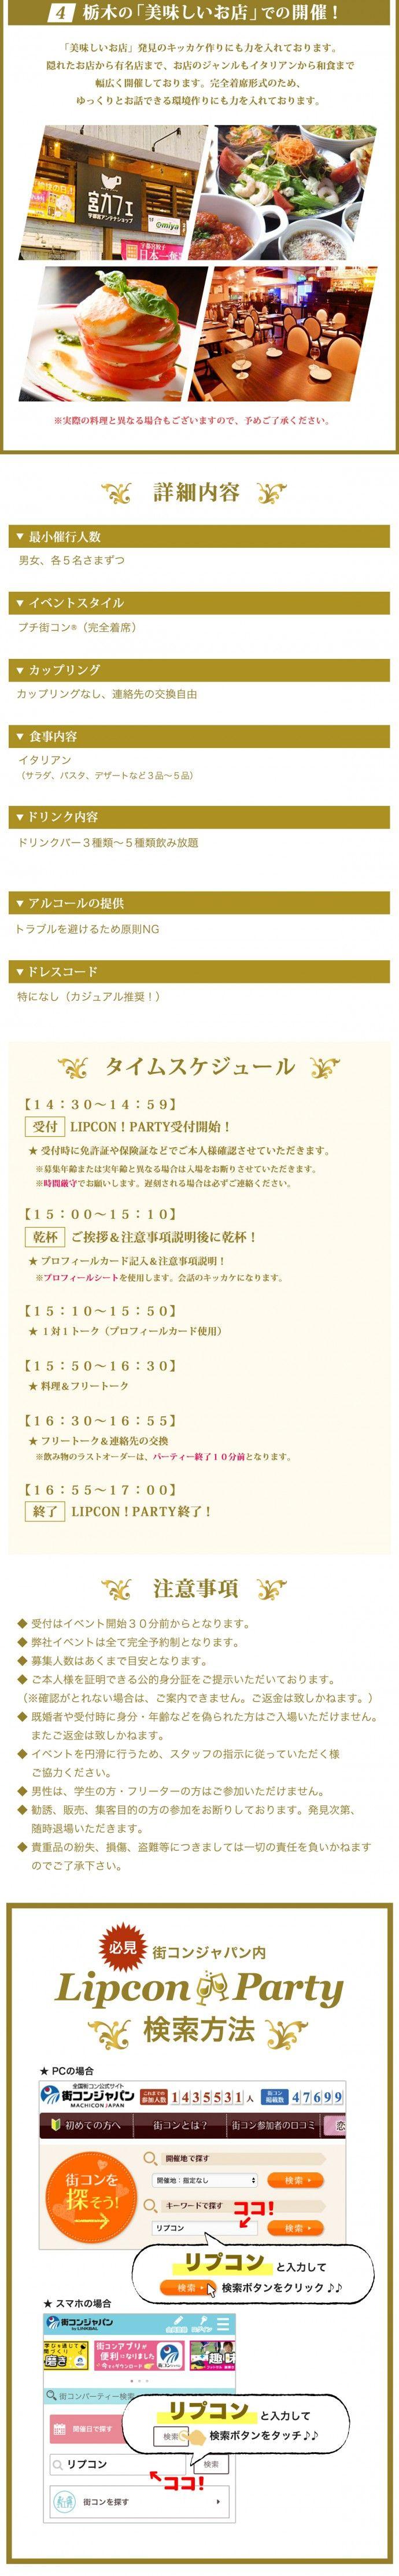 02_ヒルズカフェ_1500